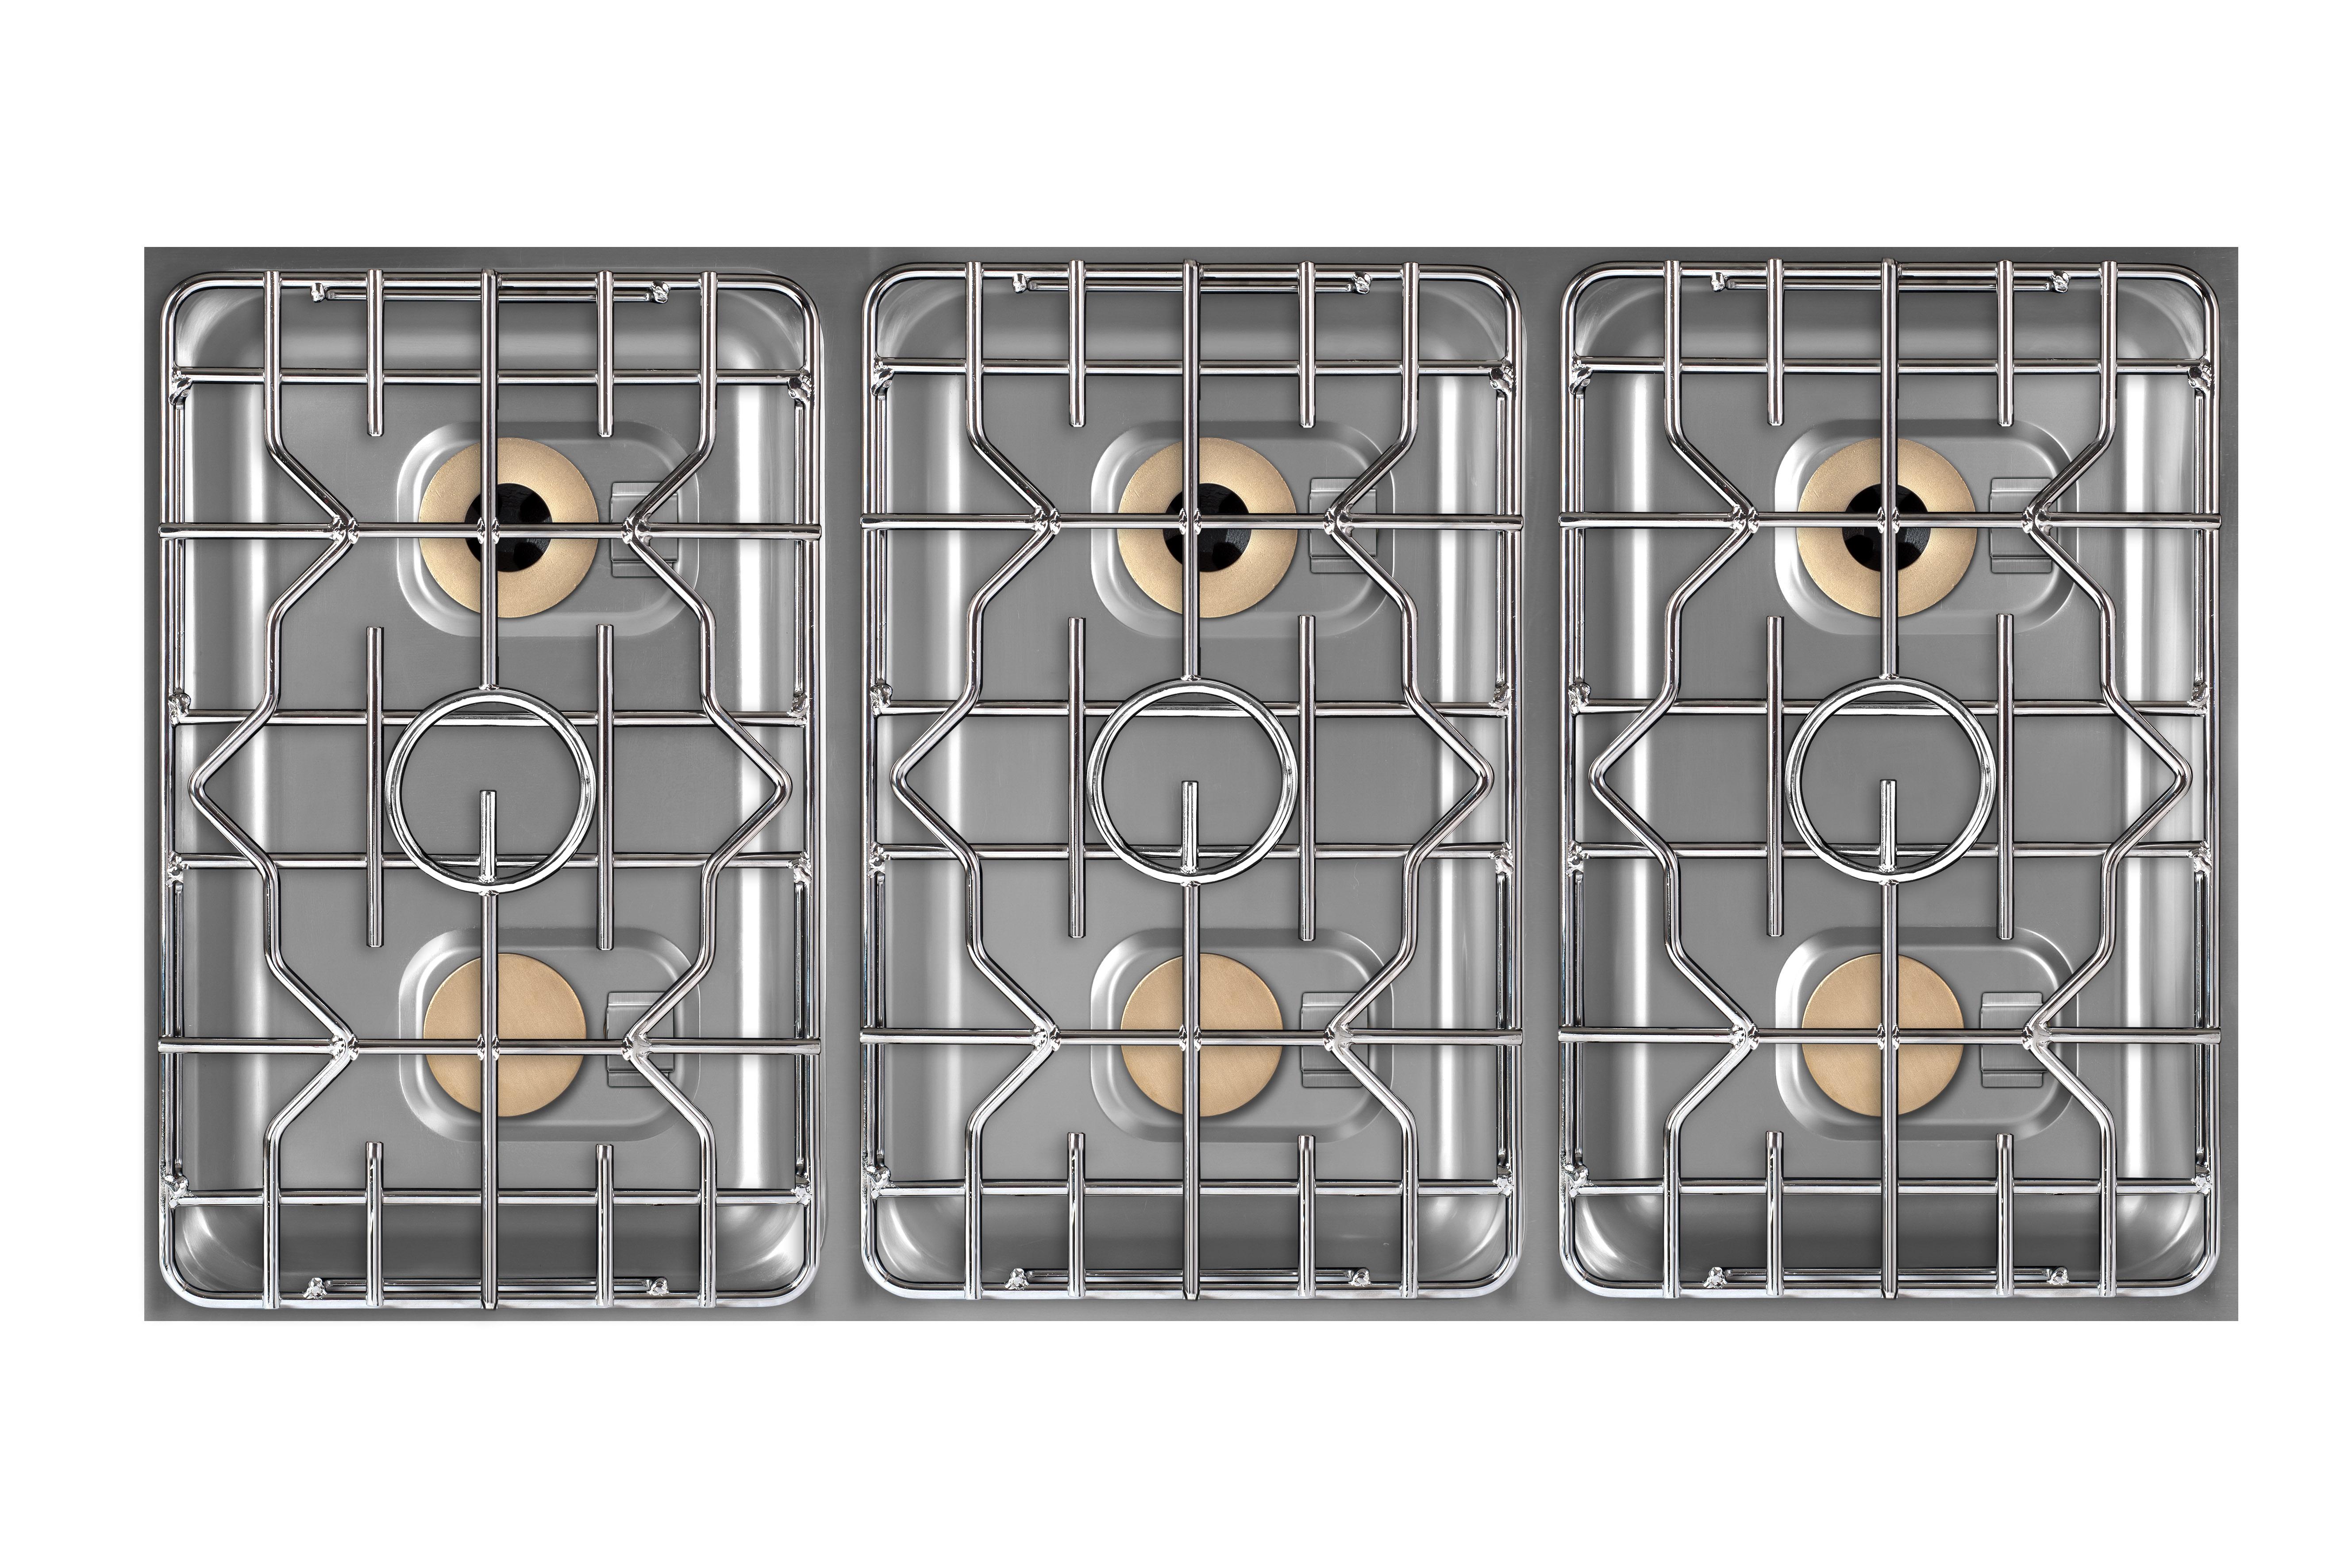 Vorschau: Berner BEG6S70 Einbaugaskochfeld 6 Flammig Für Individuelle  Gastronomieküchen ...